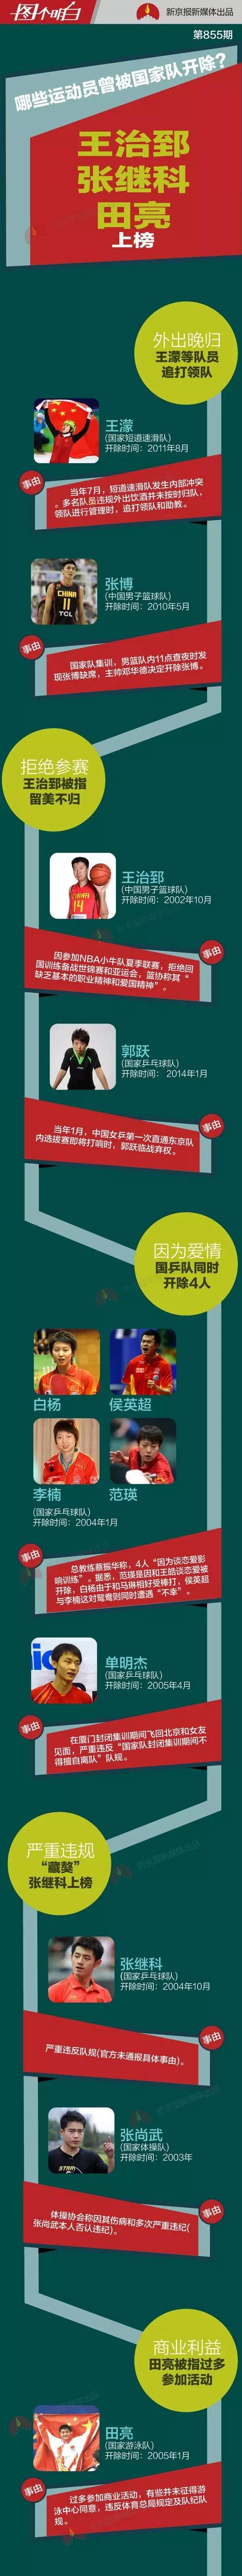 除了宁泽涛 还有哪些运动员曾被国家队开除?